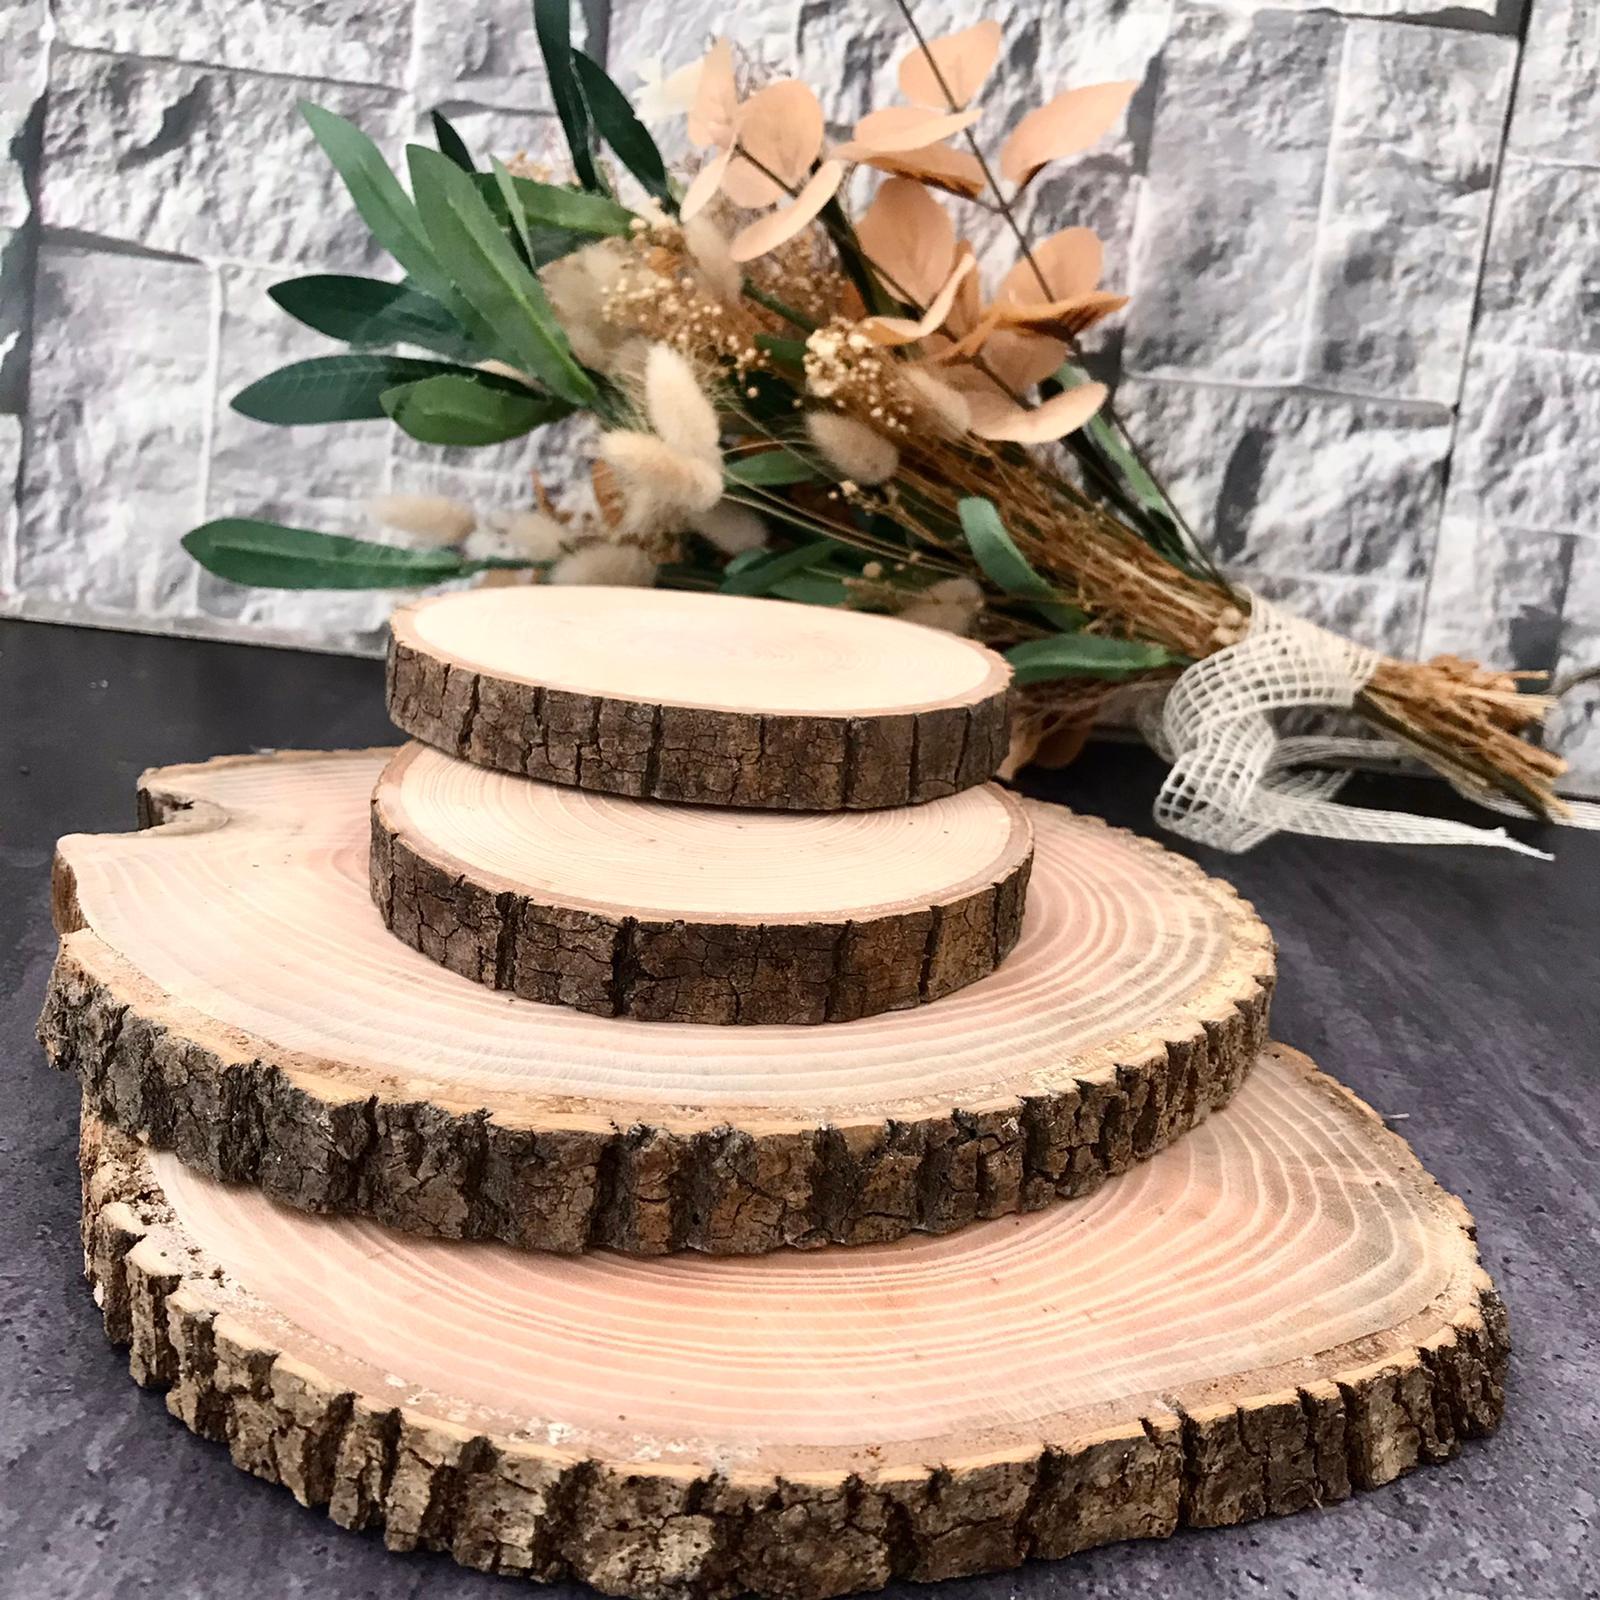 Журнал натуральное дерево круглый срез древесной коры диски торт деревенский деревянный стенд Свадебная вечеринка картины Настенный деко...